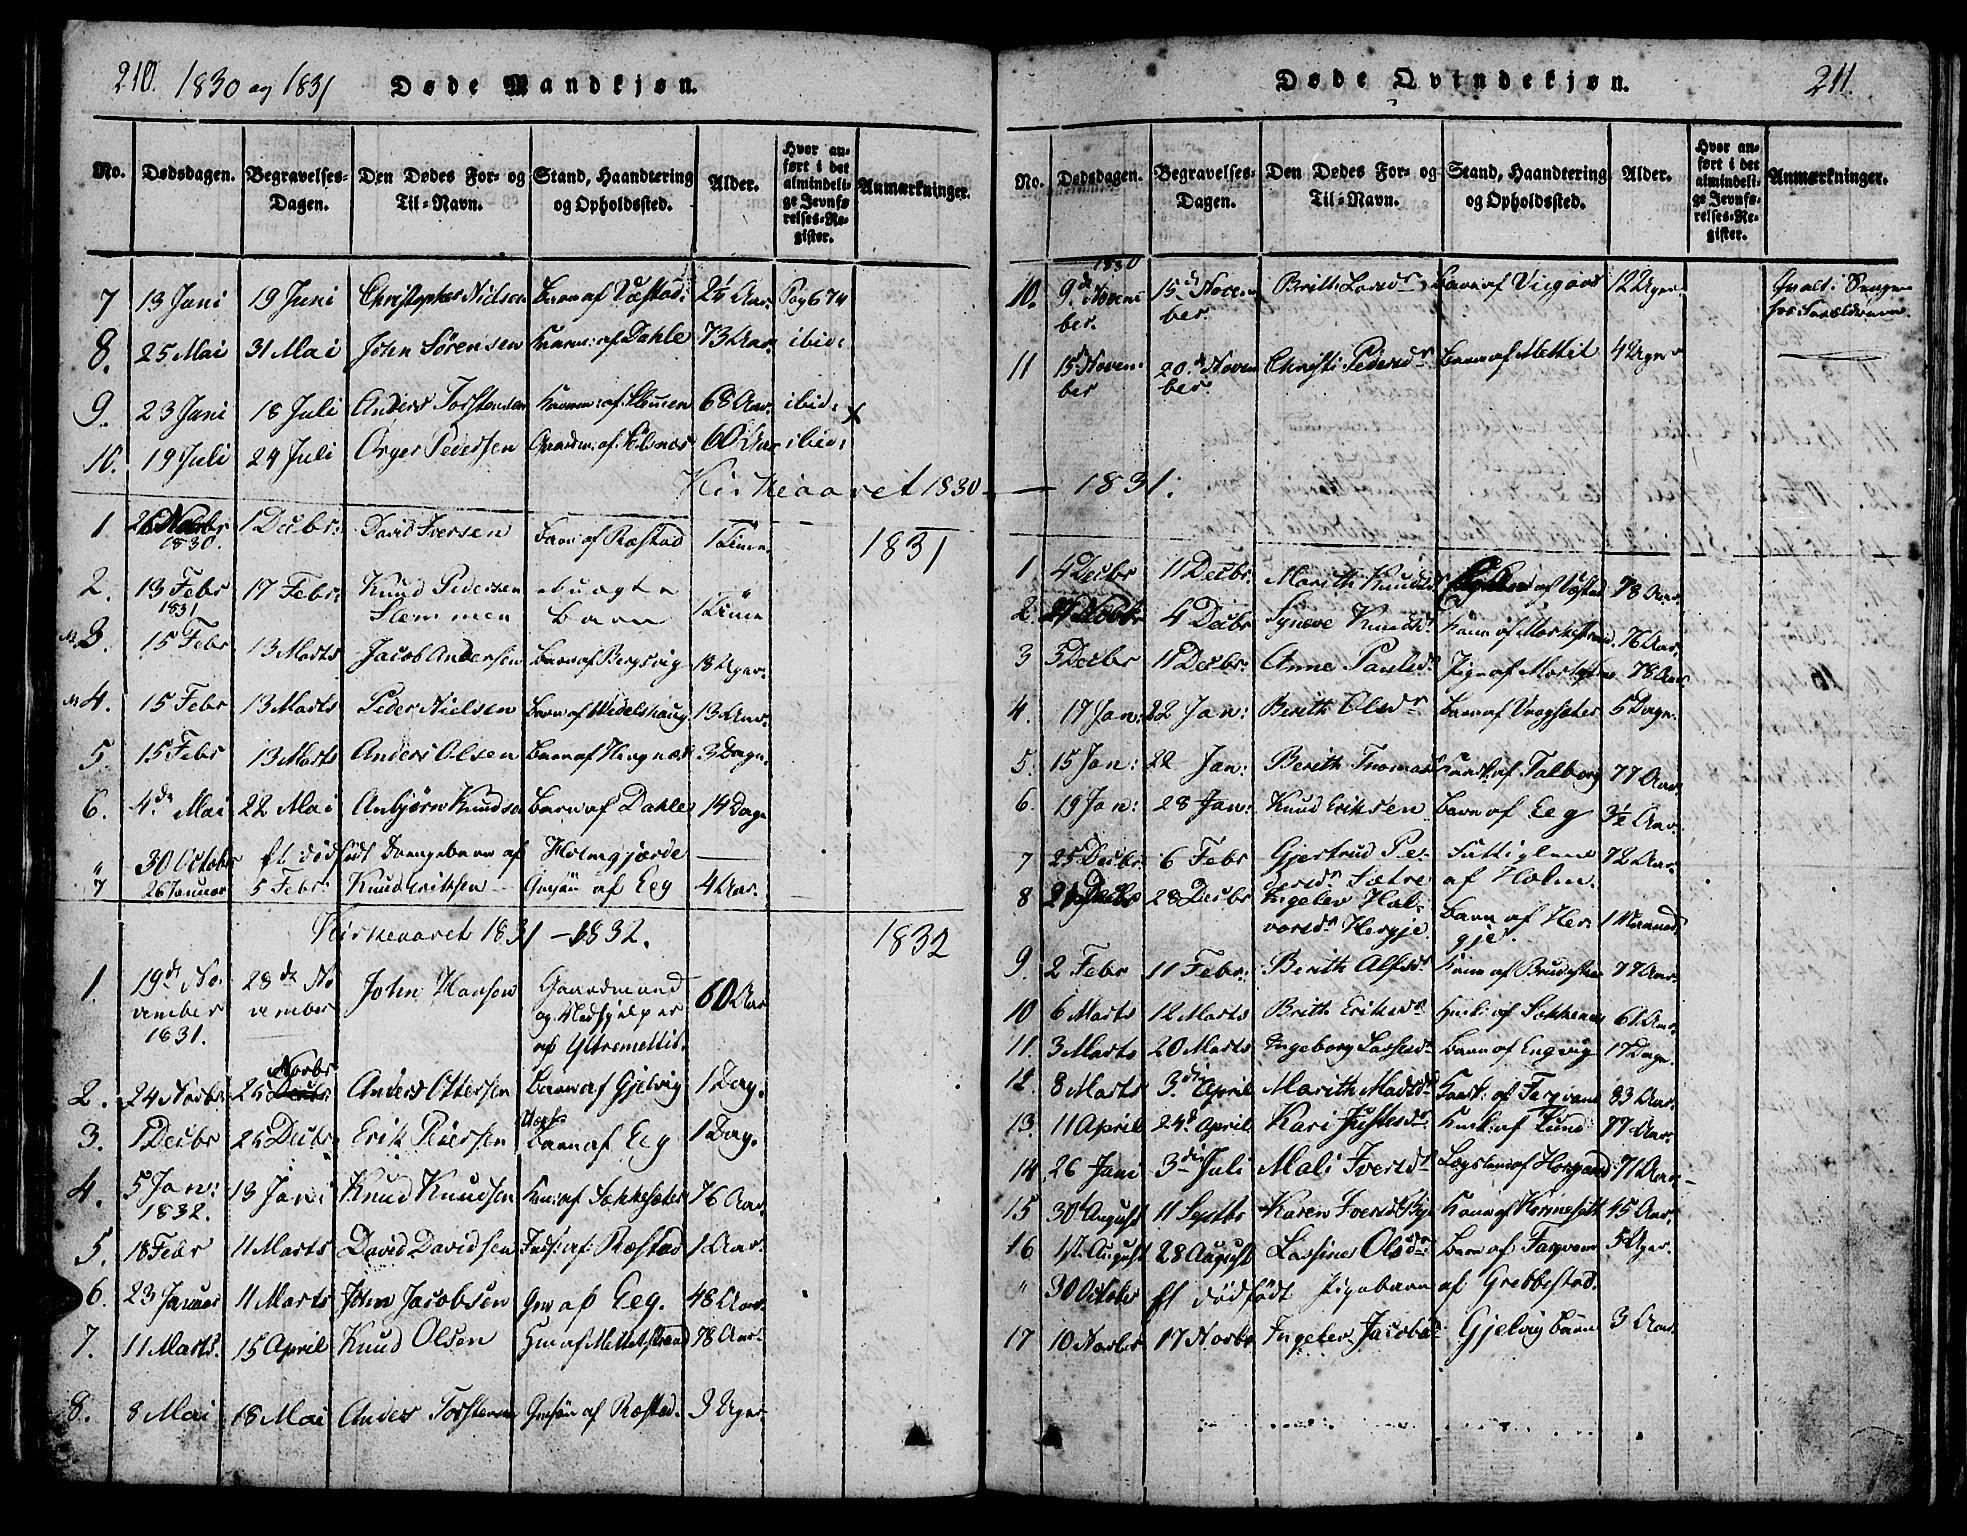 SAT, Ministerialprotokoller, klokkerbøker og fødselsregistre - Møre og Romsdal, 547/L0602: Ministerialbok nr. 547A04, 1818-1845, s. 210-211